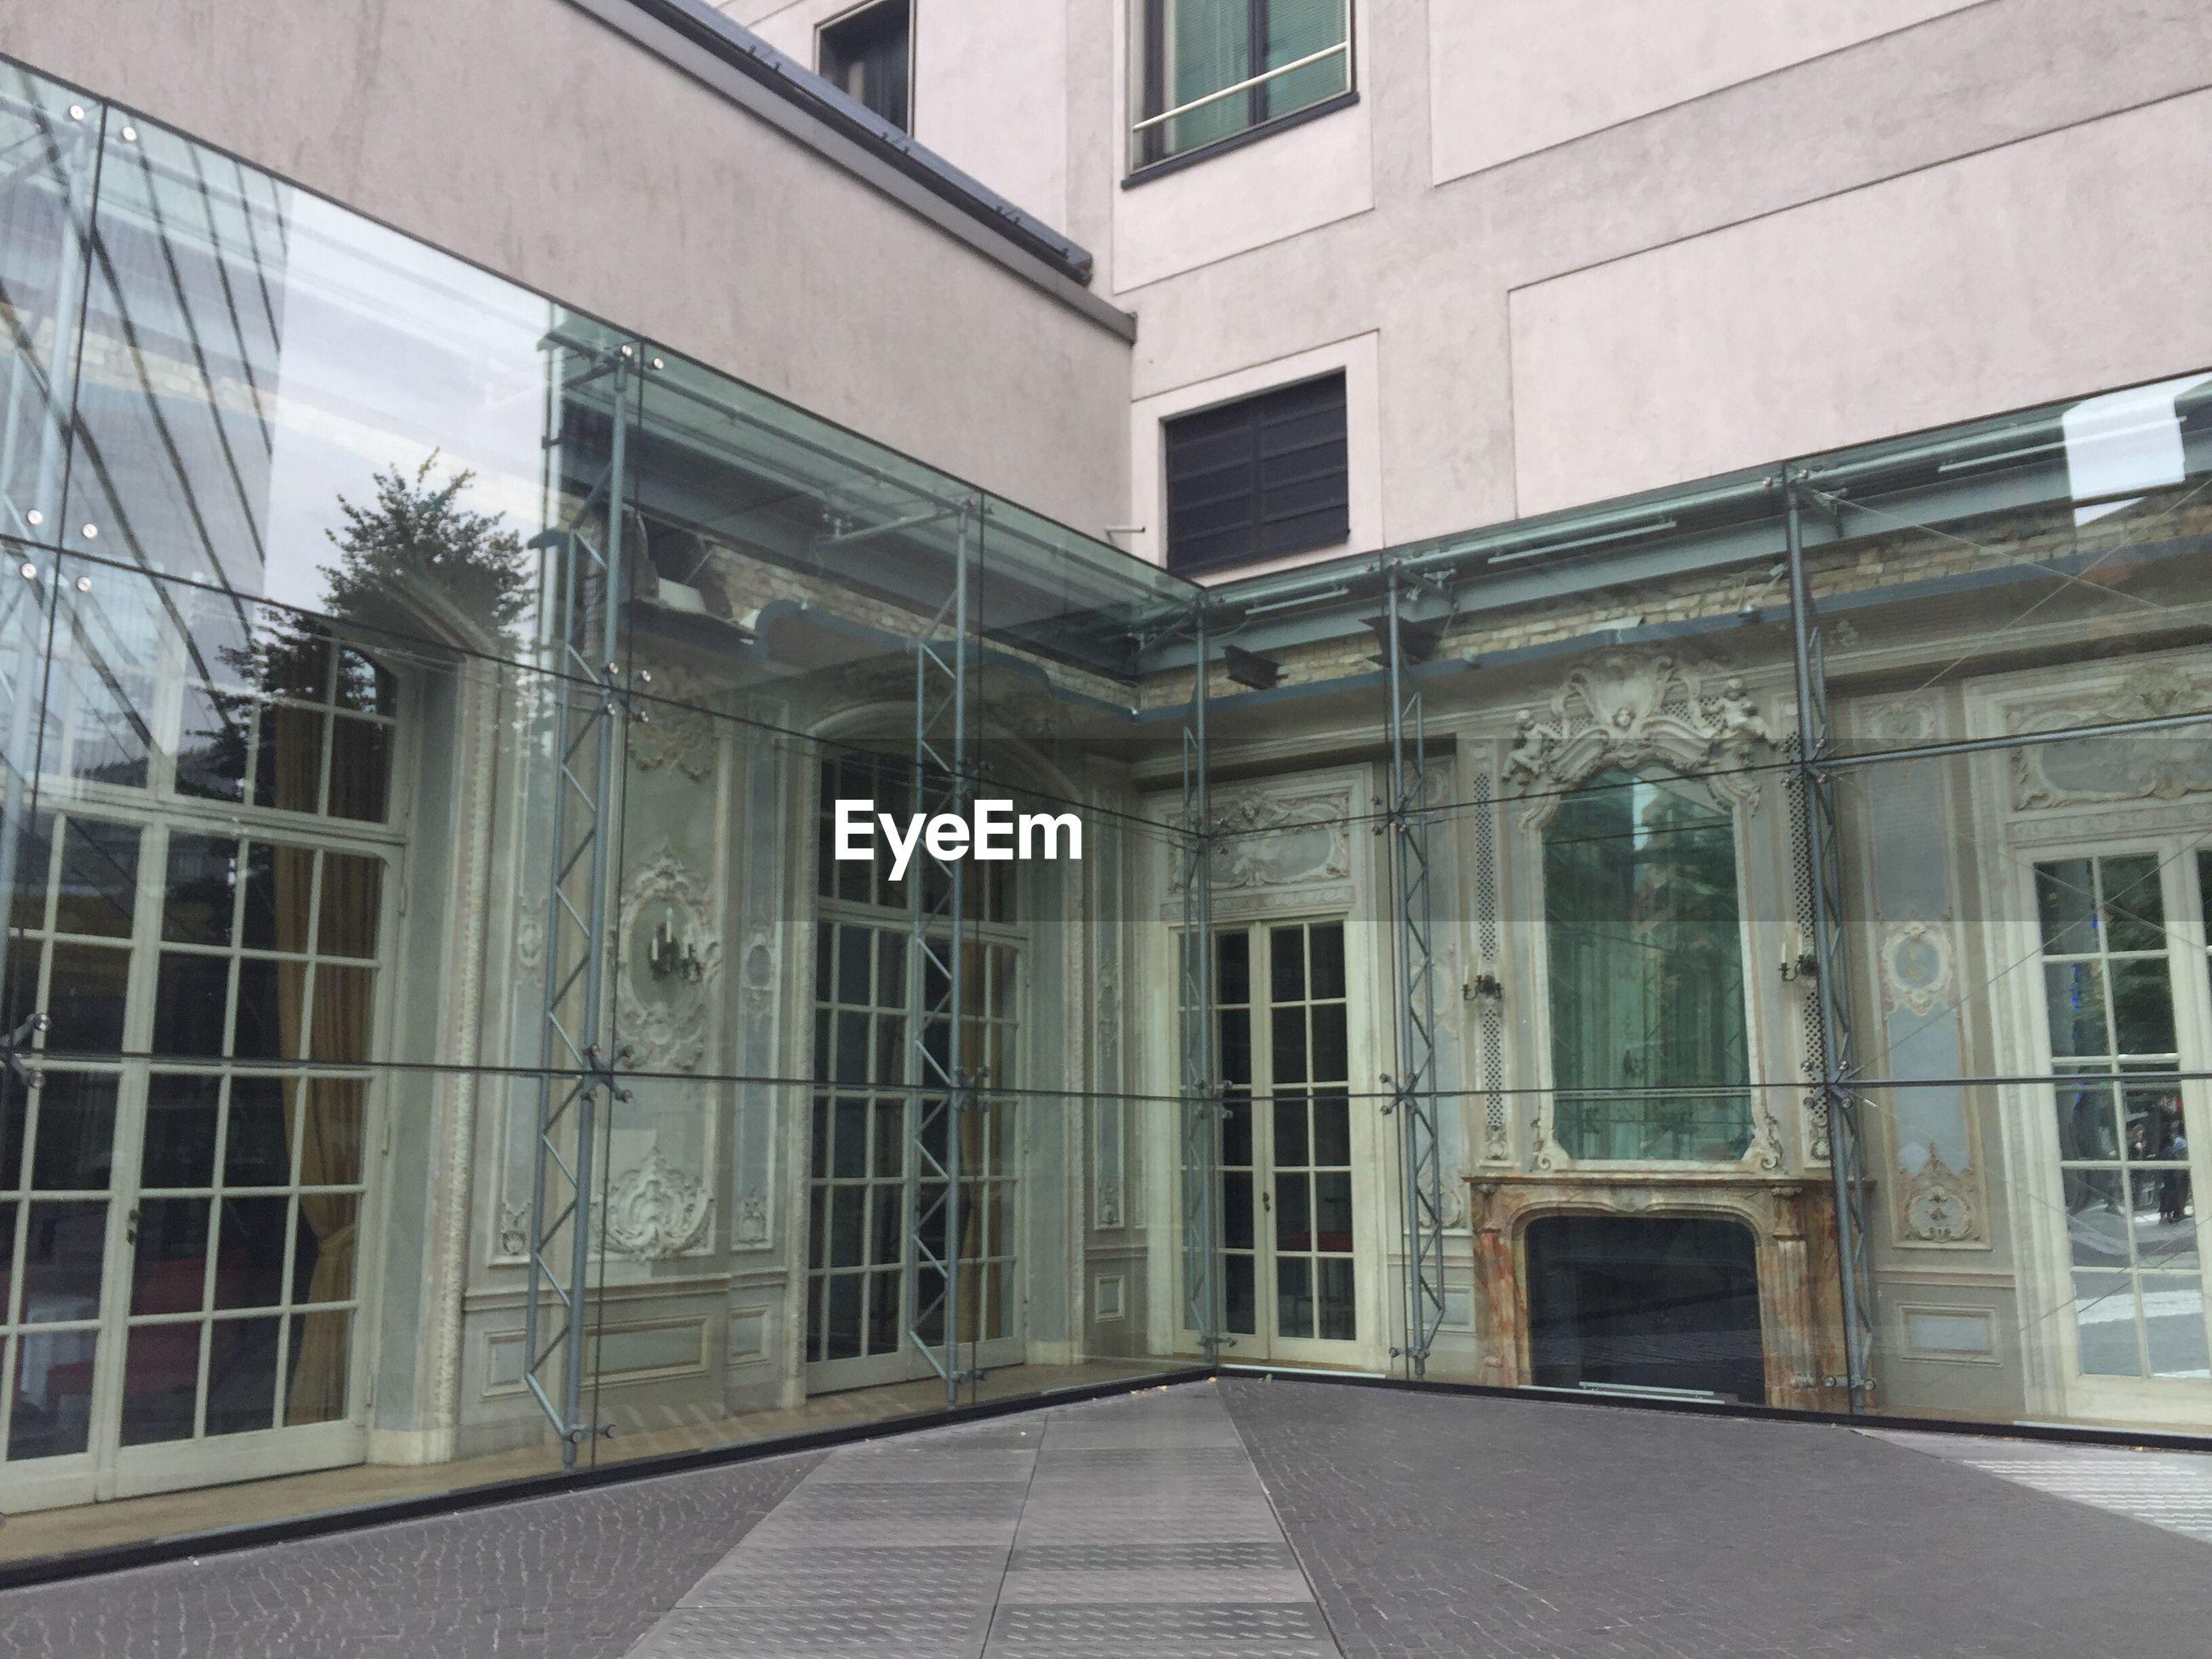 Memorial at sheraton berlin grand hotel esplanade